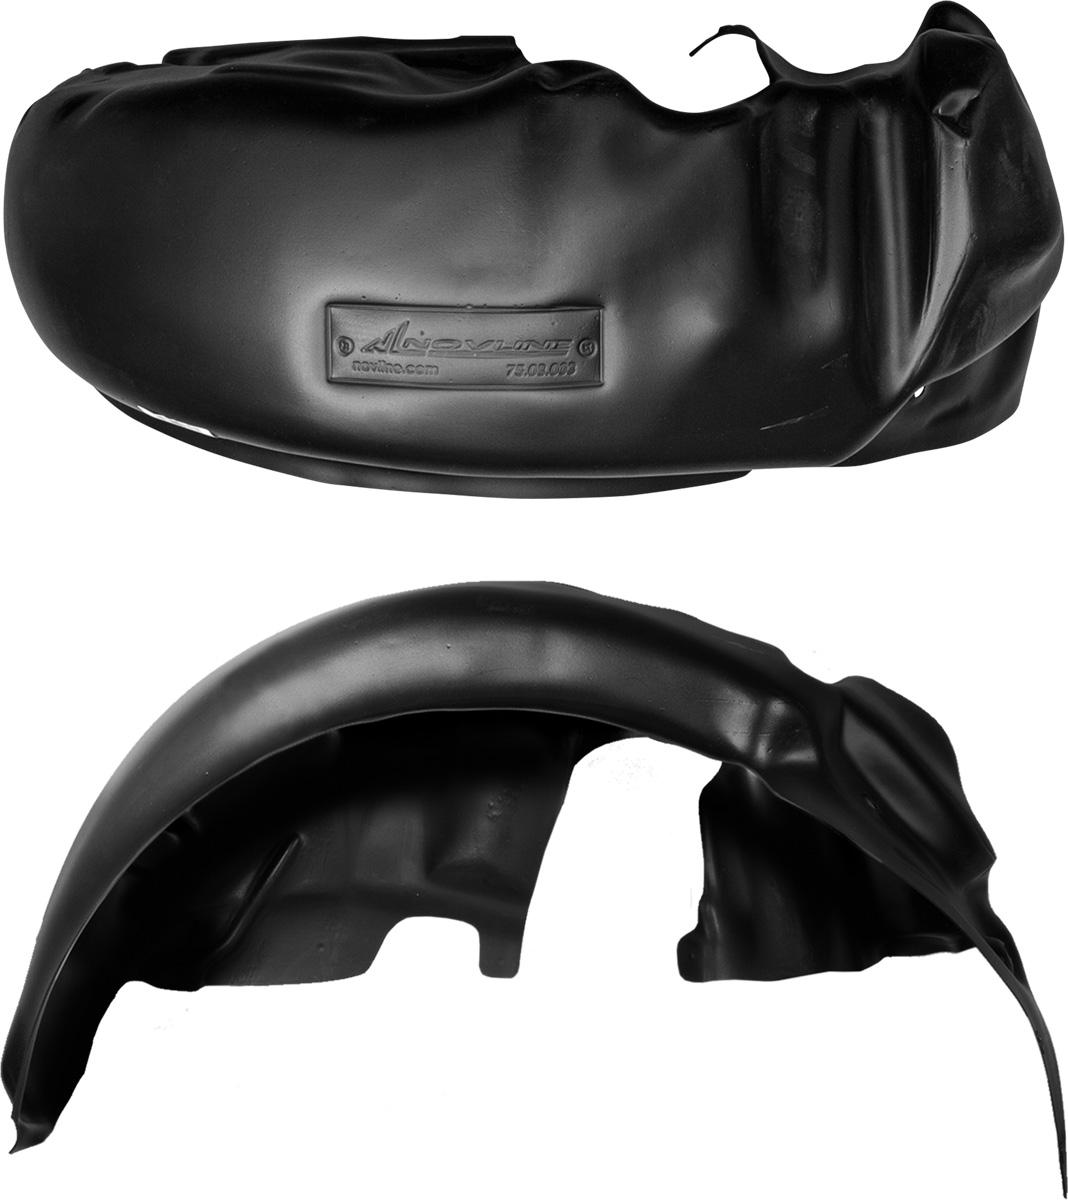 Подкрылок Novline-Autofamily, для HYUNDAI Solaris, 2010-2014, седан, хэтчбек, передний левыйNLL.20.41.001Колесные ниши - одни из самых уязвимых зон днища вашего автомобиля. Они постоянно подвергаются воздействию со стороны дороги. Лучшая, почти абсолютная защита для них - специально отформованные пластиковые кожухи, которые называются подкрылками. Производятся они как для отечественных моделей автомобилей, так и для иномарок. Подкрылки Novline-Autofamily выполнены из высококачественного, экологически чистого пластика. Обеспечивают надежную защиту кузова автомобиля от пескоструйного эффекта и негативного влияния, агрессивных антигололедных реагентов. Пластик обладает более низкой теплопроводностью, чем металл, поэтому в зимний период эксплуатации использование пластиковых подкрылков позволяет лучше защитить колесные ниши от налипания снега и образования наледи. Оригинальность конструкции подчеркивает элегантность автомобиля, бережно защищает нанесенное на днище кузова антикоррозийное покрытие и позволяет осуществить крепление подкрылков внутри колесной арки практически без дополнительного крепежа и сверления, не нарушая при этом лакокрасочного покрытия, что предотвращает возникновение новых очагов коррозии. Подкрылки долговечны, обладают высокой прочностью и сохраняют заданную форму, а также все свои физико-механические характеристики в самых тяжелых климатических условиях (от -50°С до +50°С).Уважаемые клиенты!Обращаем ваше внимание, на тот факт, что подкрылок имеет форму, соответствующую модели данного автомобиля. Фото служит для визуального восприятия товара.